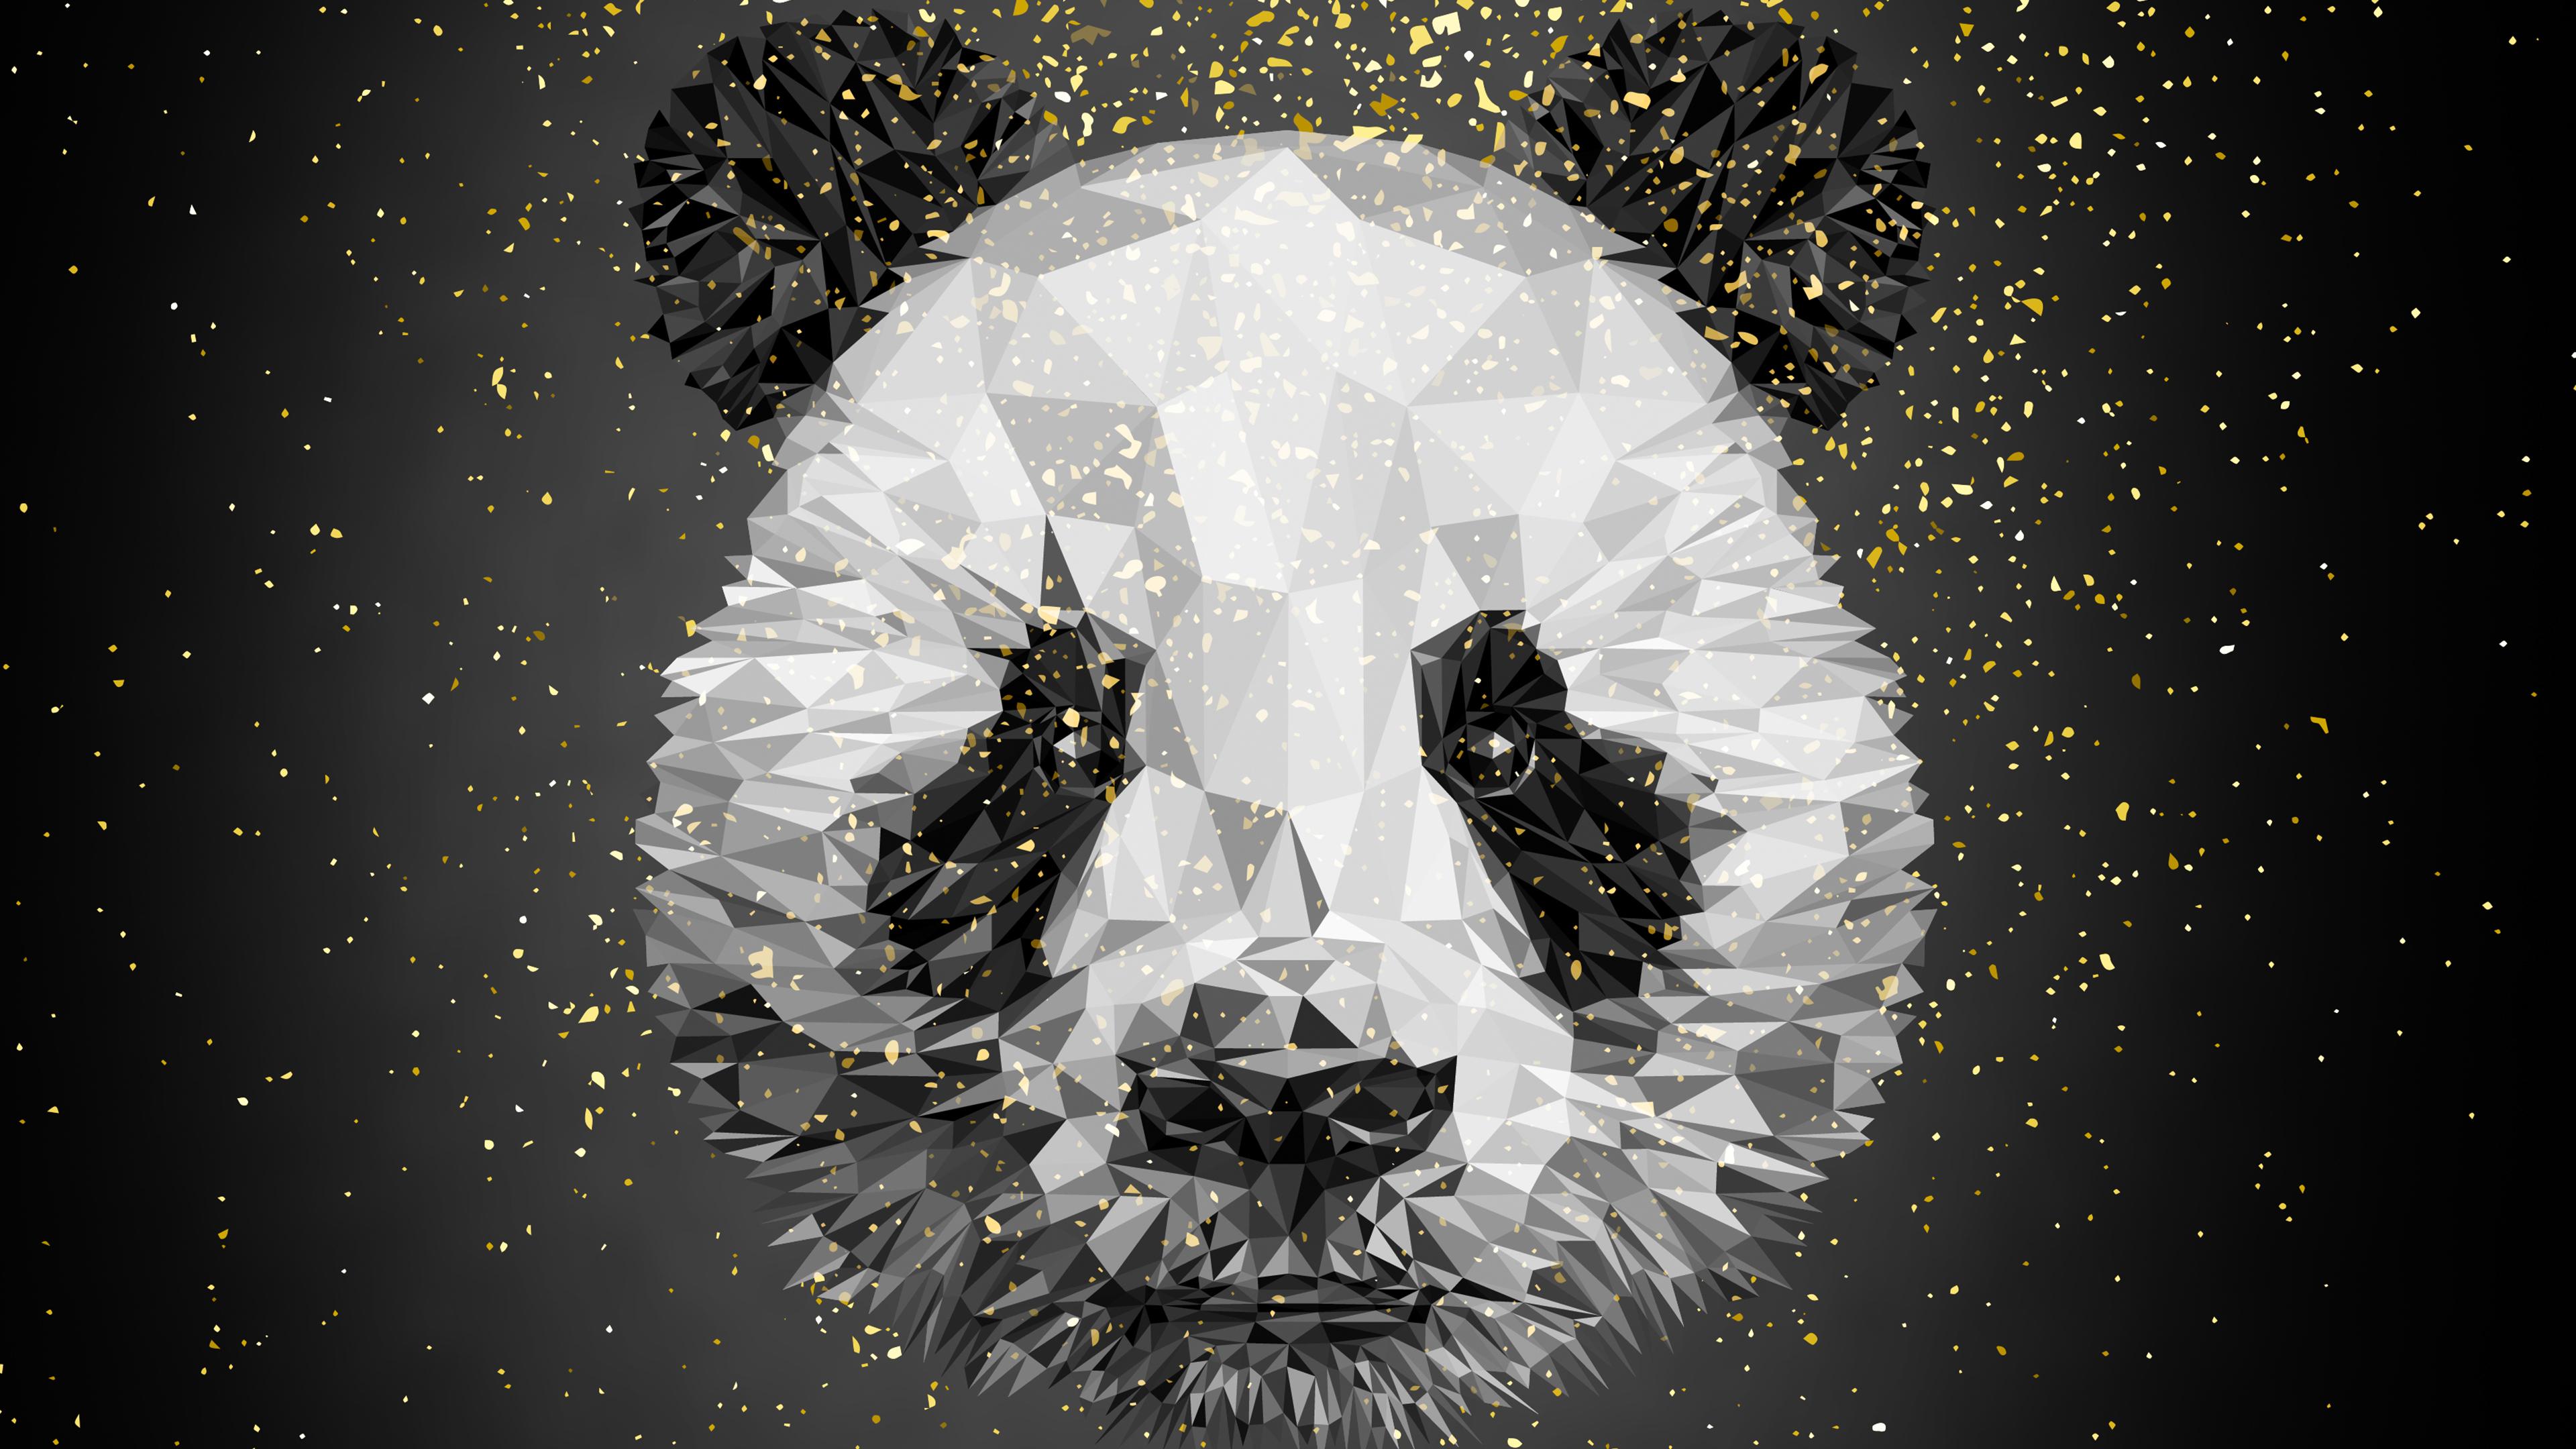 Панда лоуполи арт обои скачать